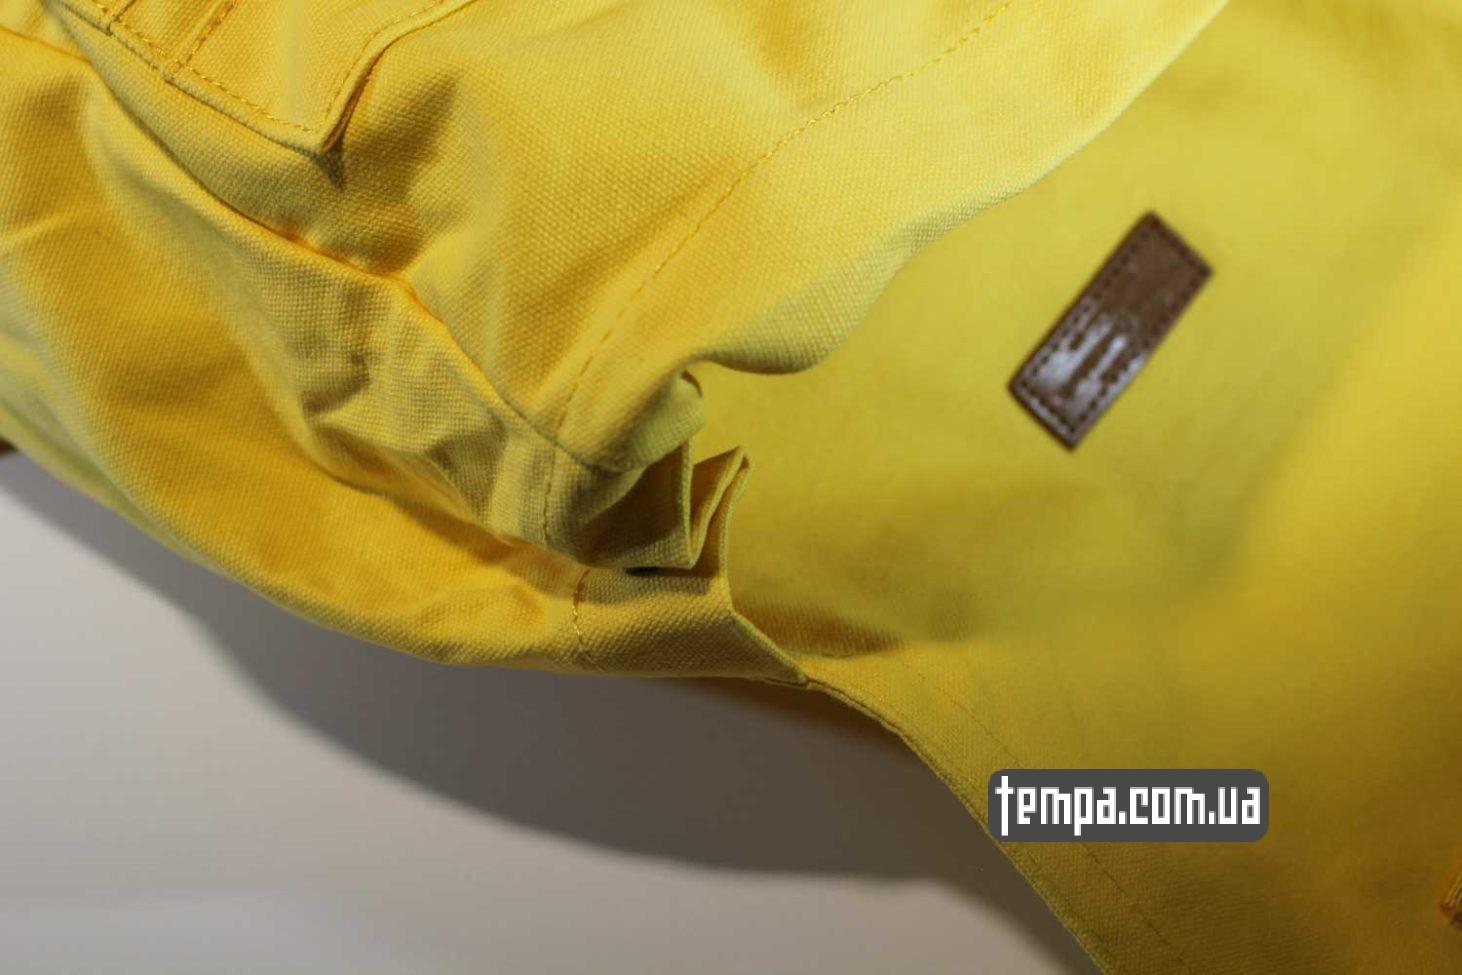 школьный для школы рюкзак сумка G-1000 FOLDSACK NO.1 fjallraven kanken желтый